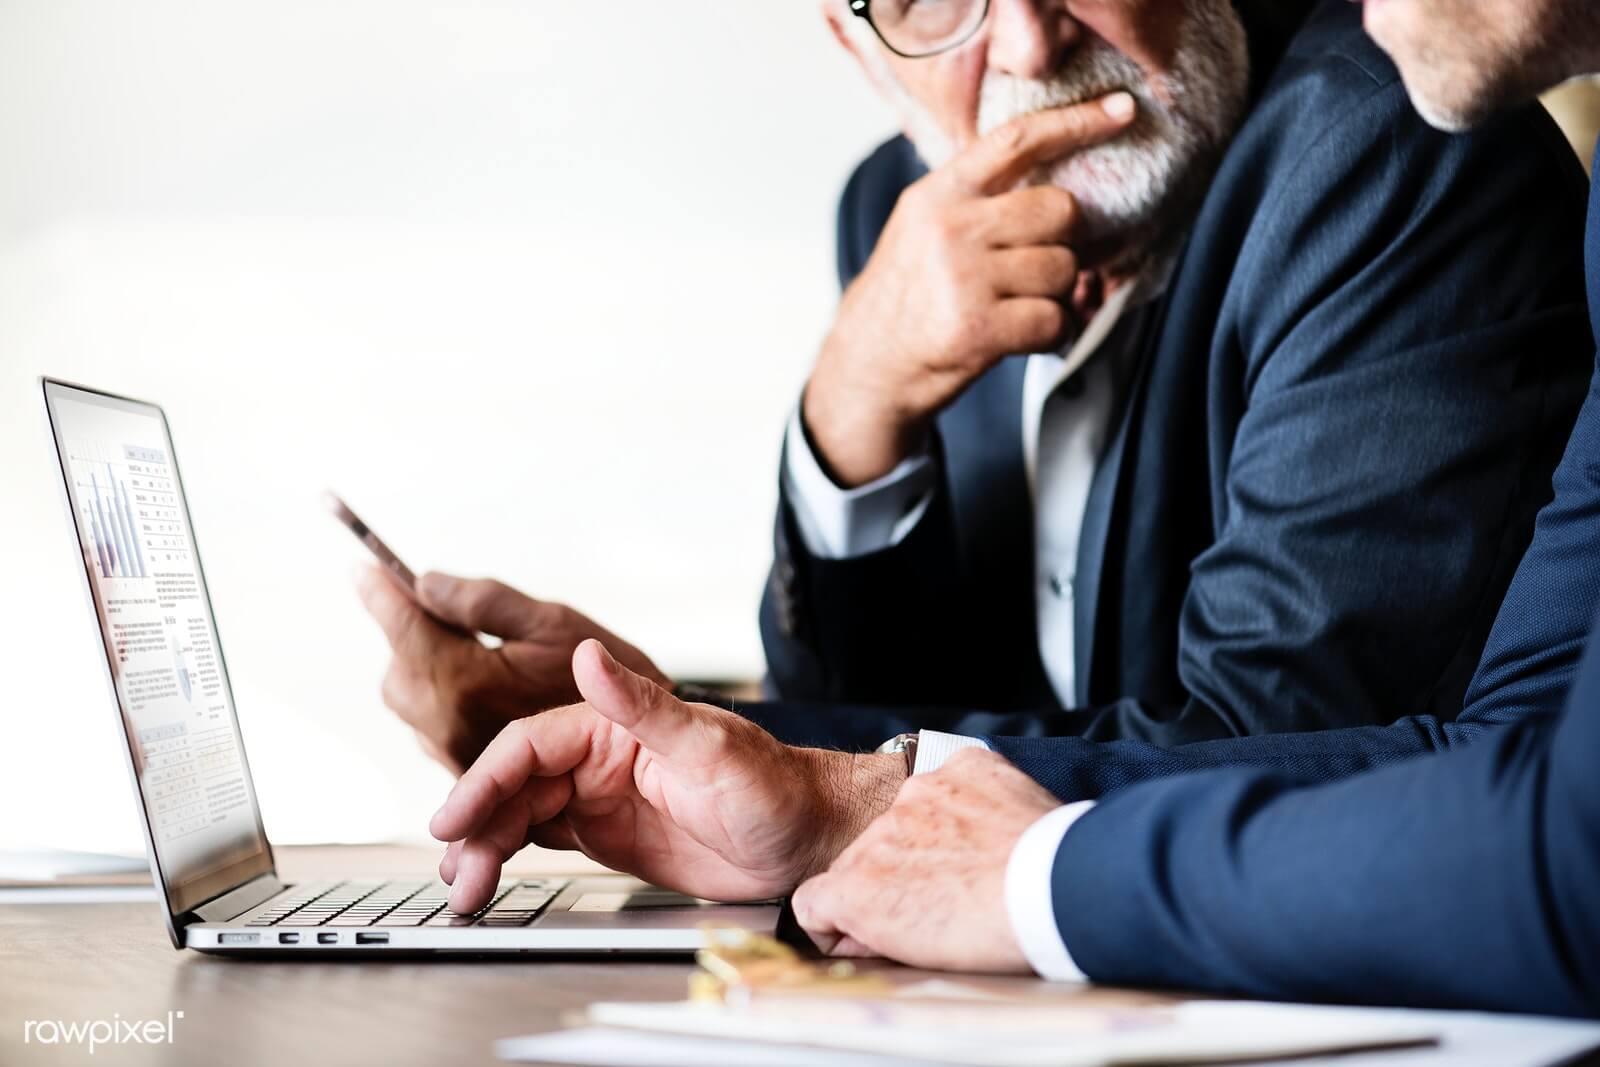 Dịch vụ dịch thuật hồ sơ xin visa uy tín, chất lượng tại TP.HCM